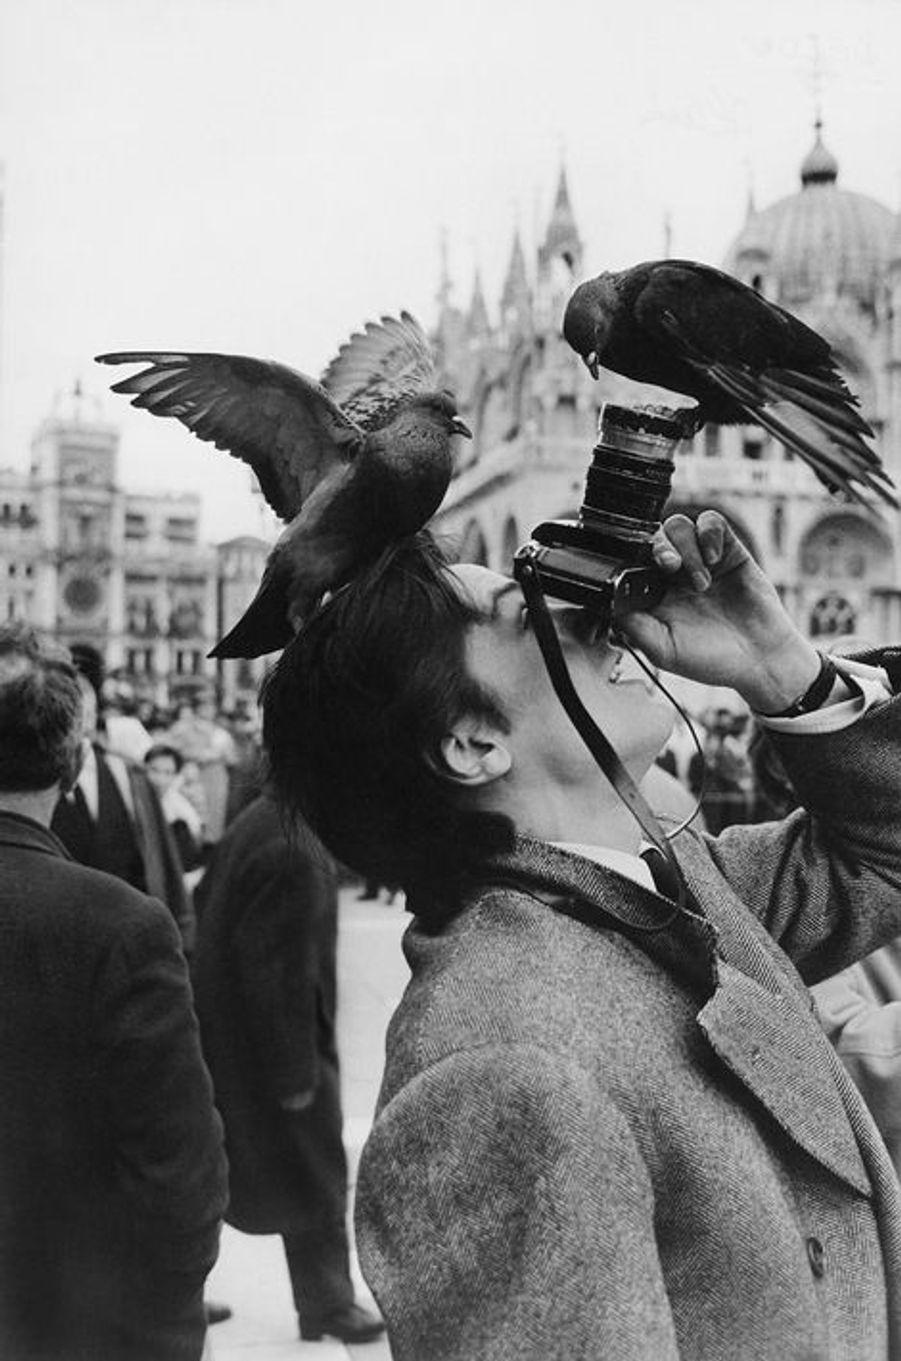 """Alain delon joue les touristes sur la place Saint-Marc alors qu'il se trouve à Venise pour les essais du film """"Marco Polo"""" de Christian-Jaque, le 1..."""